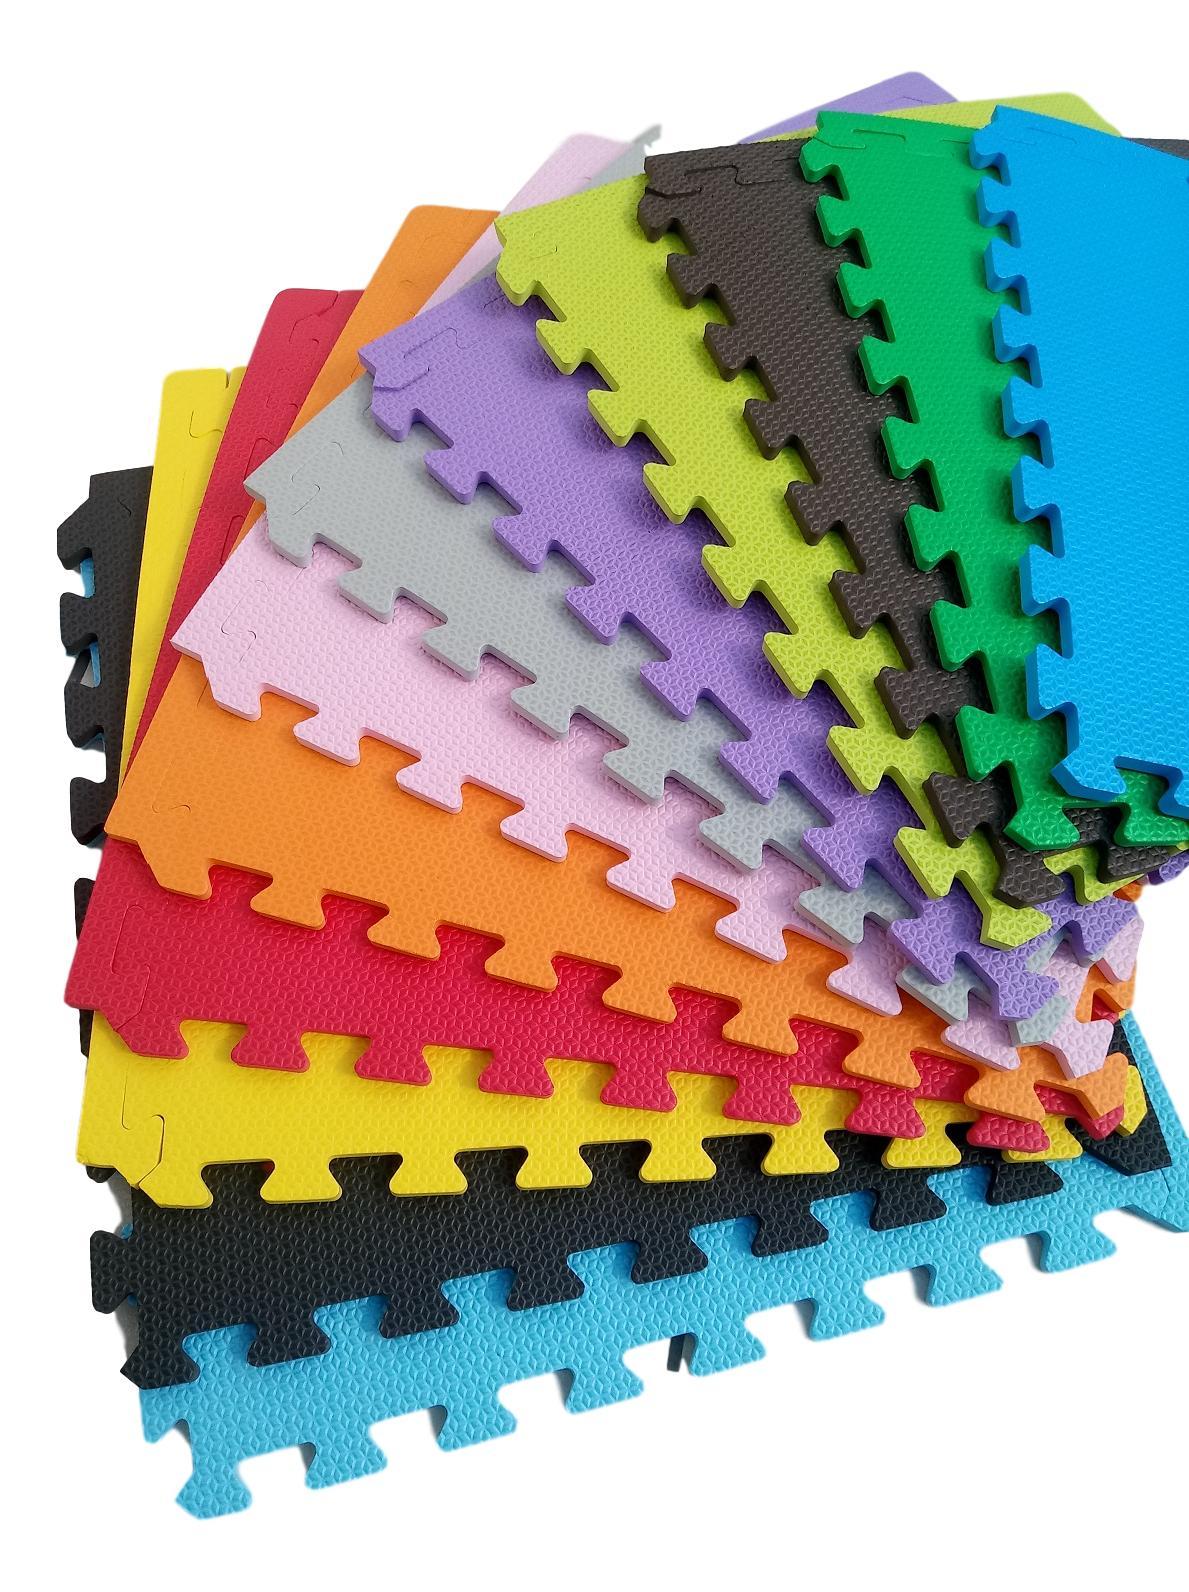 Kit 14 Tapetes Tatames Coloridos EVA 50 x 50 x 2cm com Borda